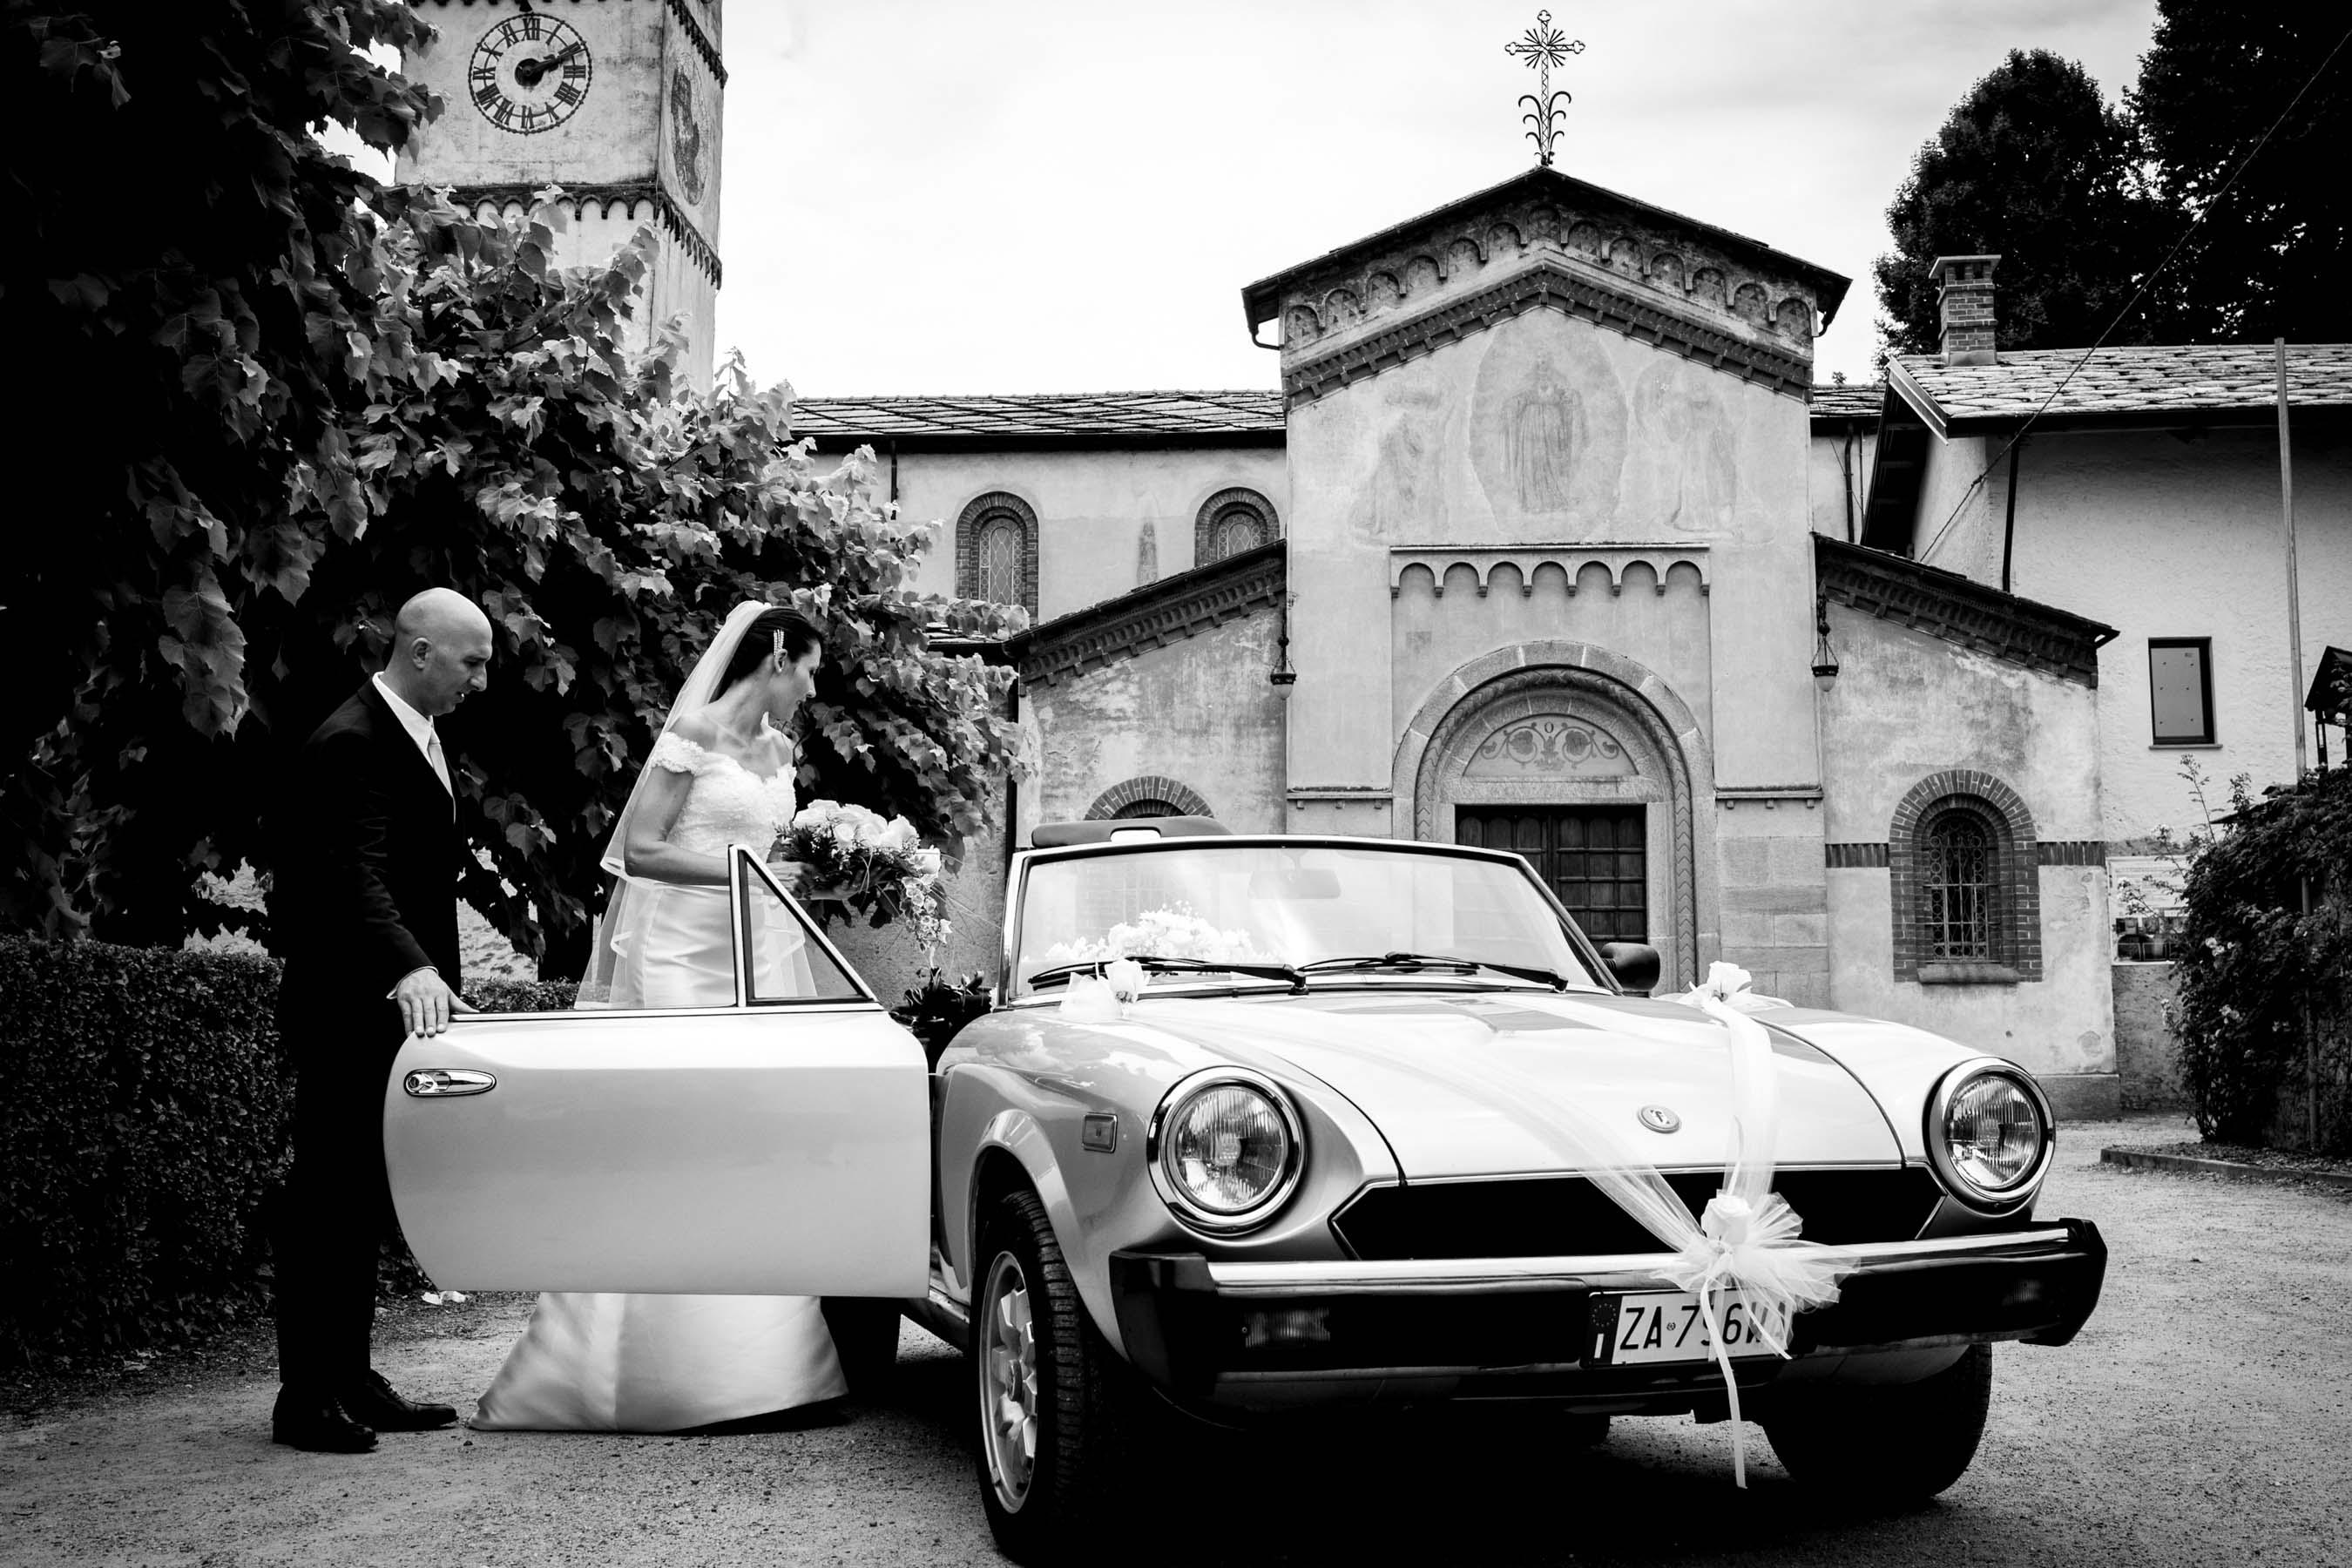 art foto_torino_monica sica photography_la vià _cavour_ fotografo matrimonio_torino-39